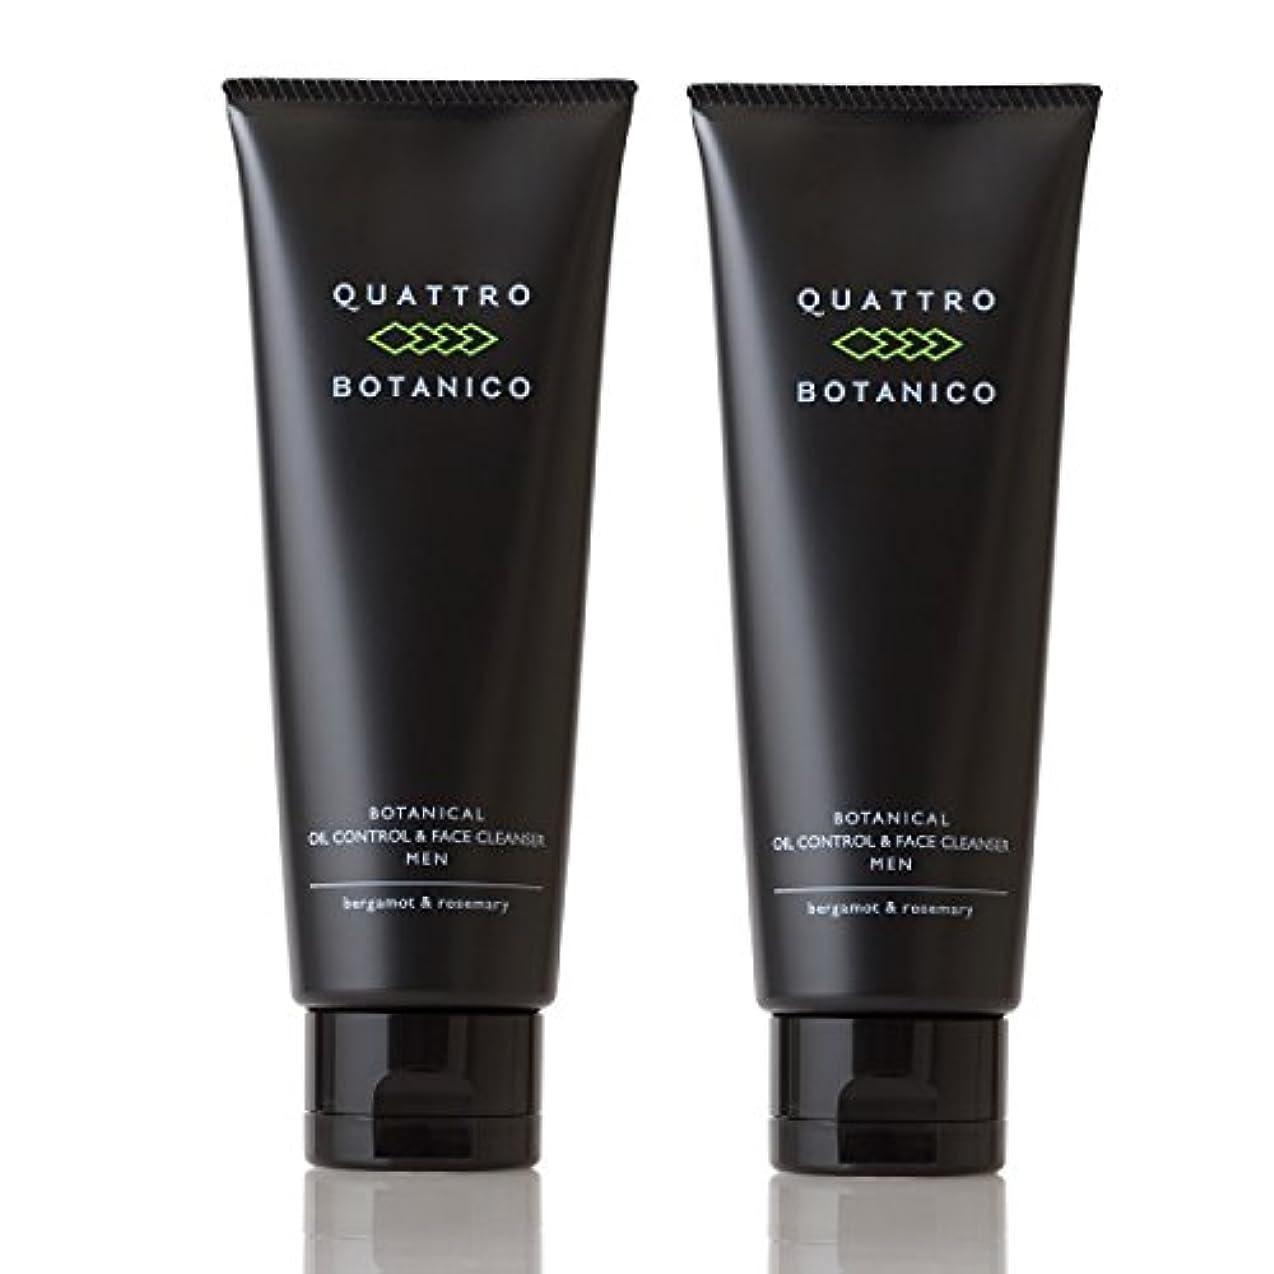 顕微鏡まどろみのある変動するクワトロボタニコ (QUATTRO BOTANICO) 【 メンズ 洗顔 】 ボタニカル オイルコントロール & フェイスクレンザー (男性 スキンケア) 《お得な2本セット》 120g × 2本